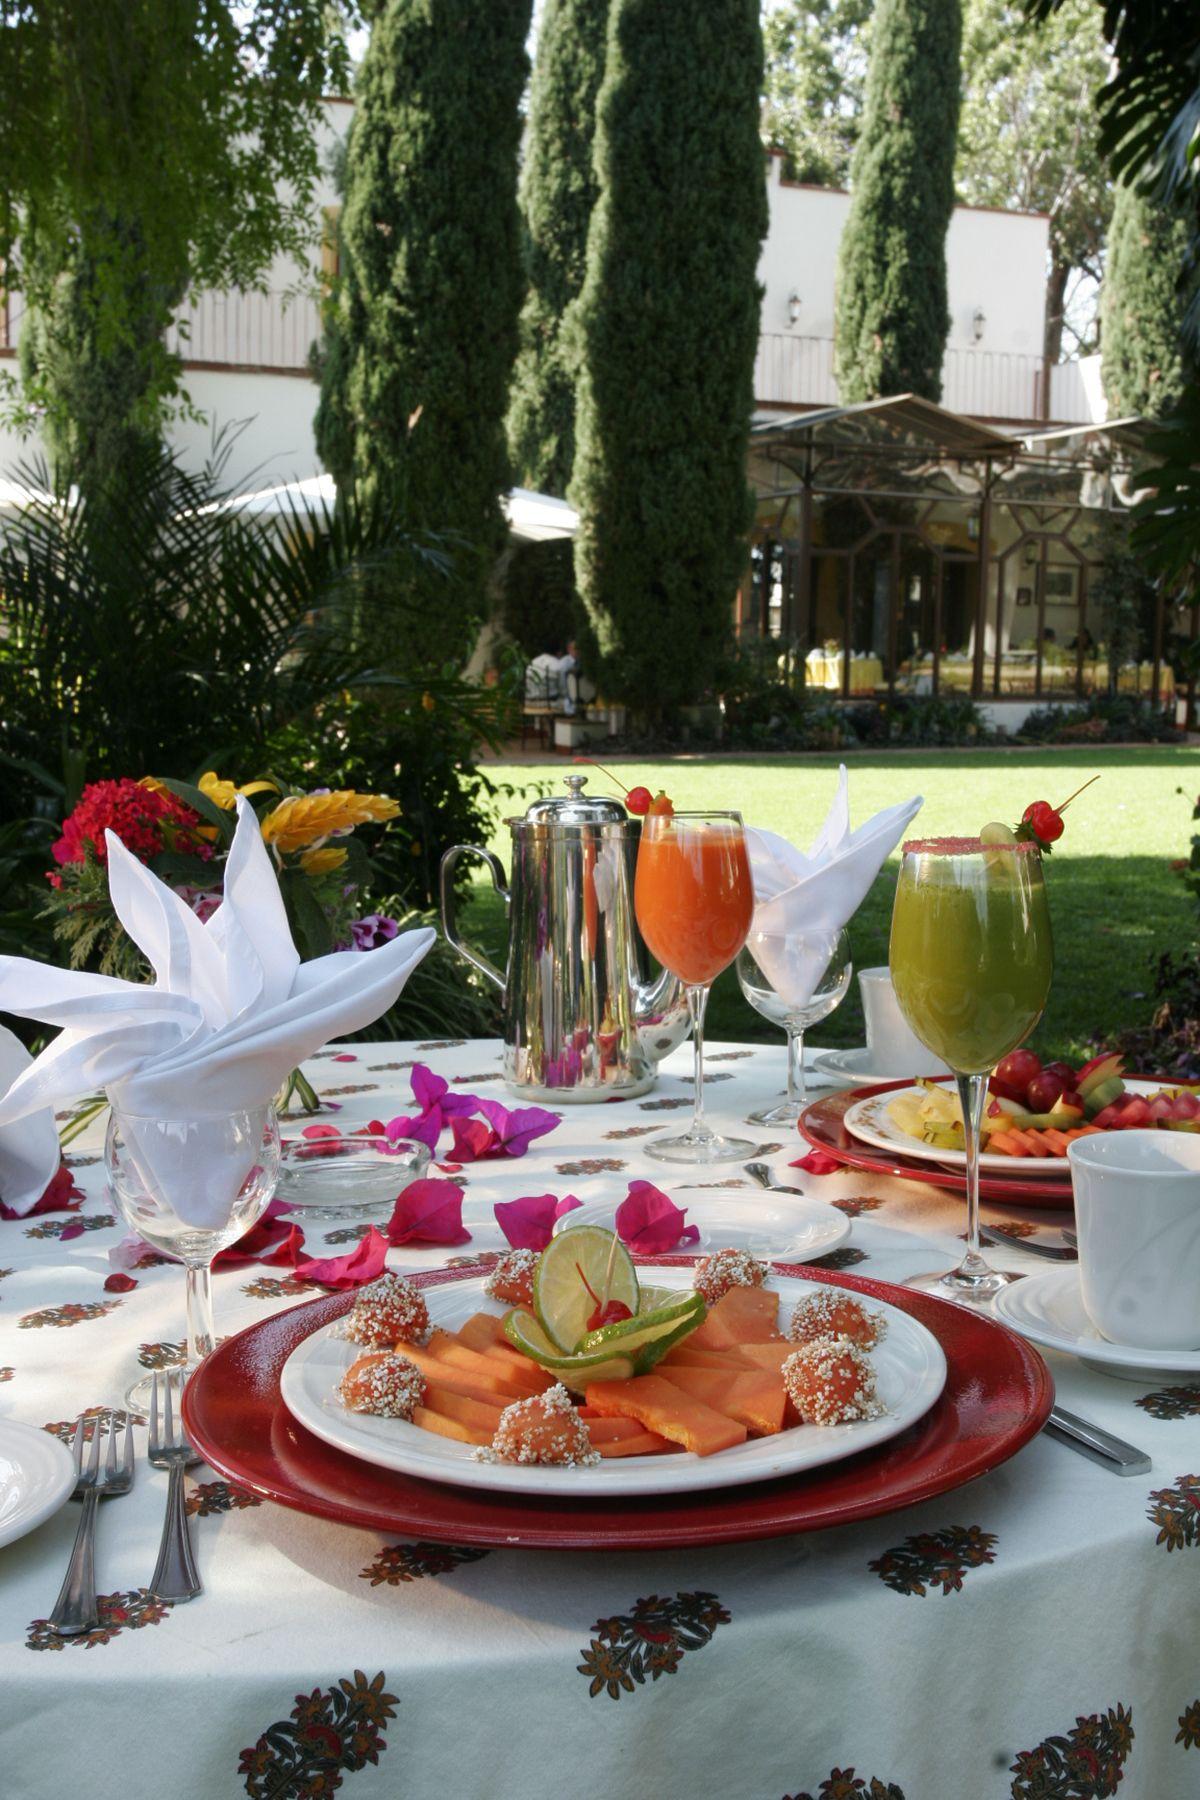 hoteles-boutique-de-mexico-hotel-hacienda-los-laureles-oaxaca-16